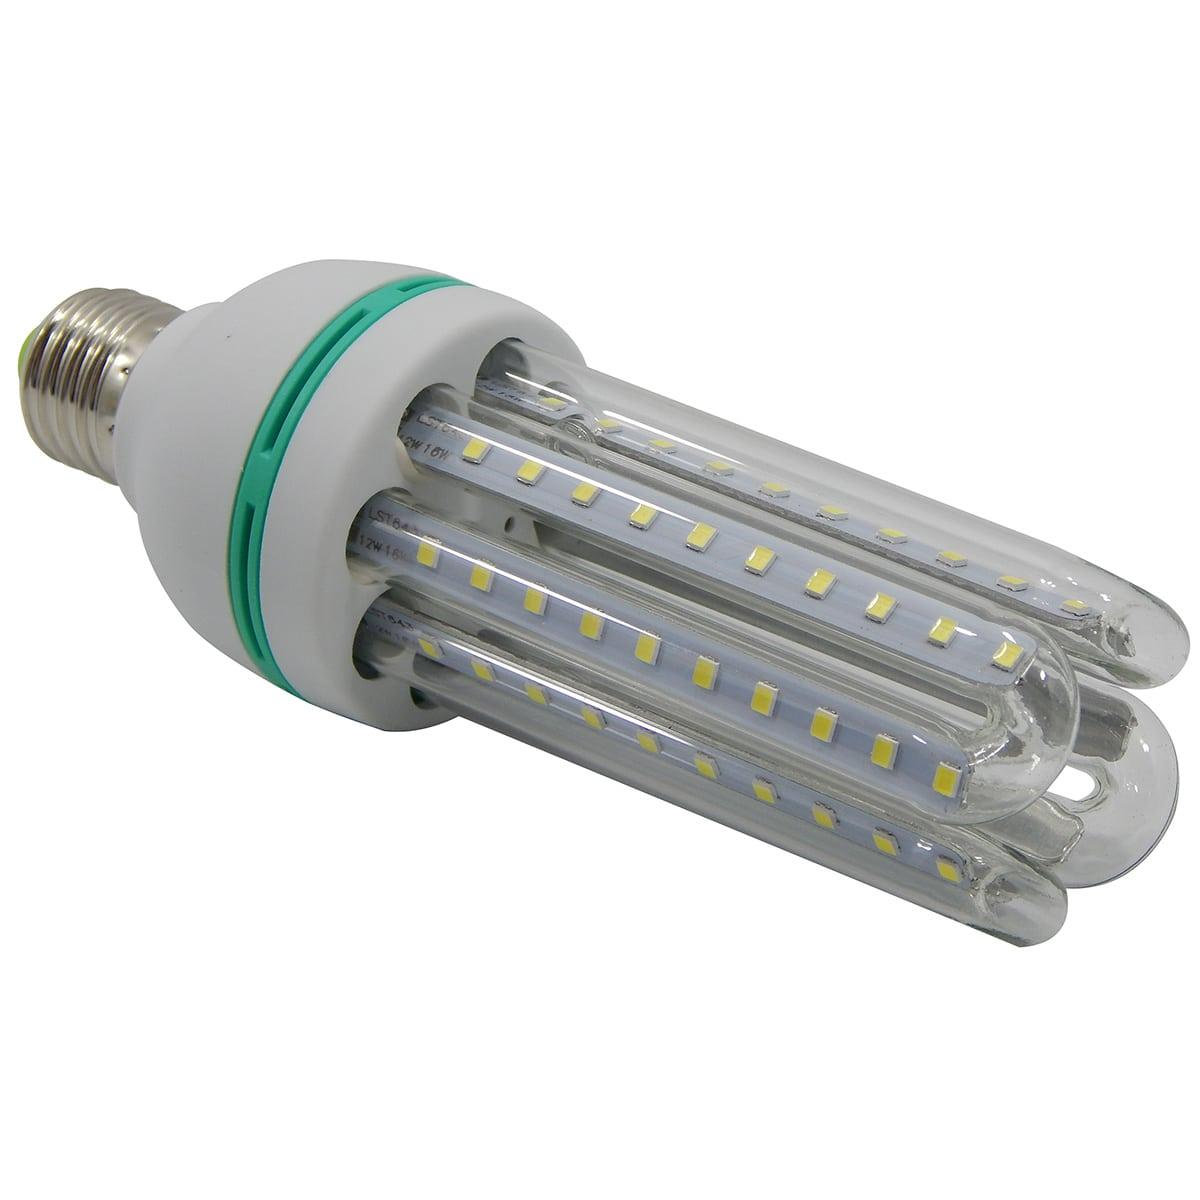 Lampada LED 4U/16W/E27/6500K Exbom L4U-M1600B